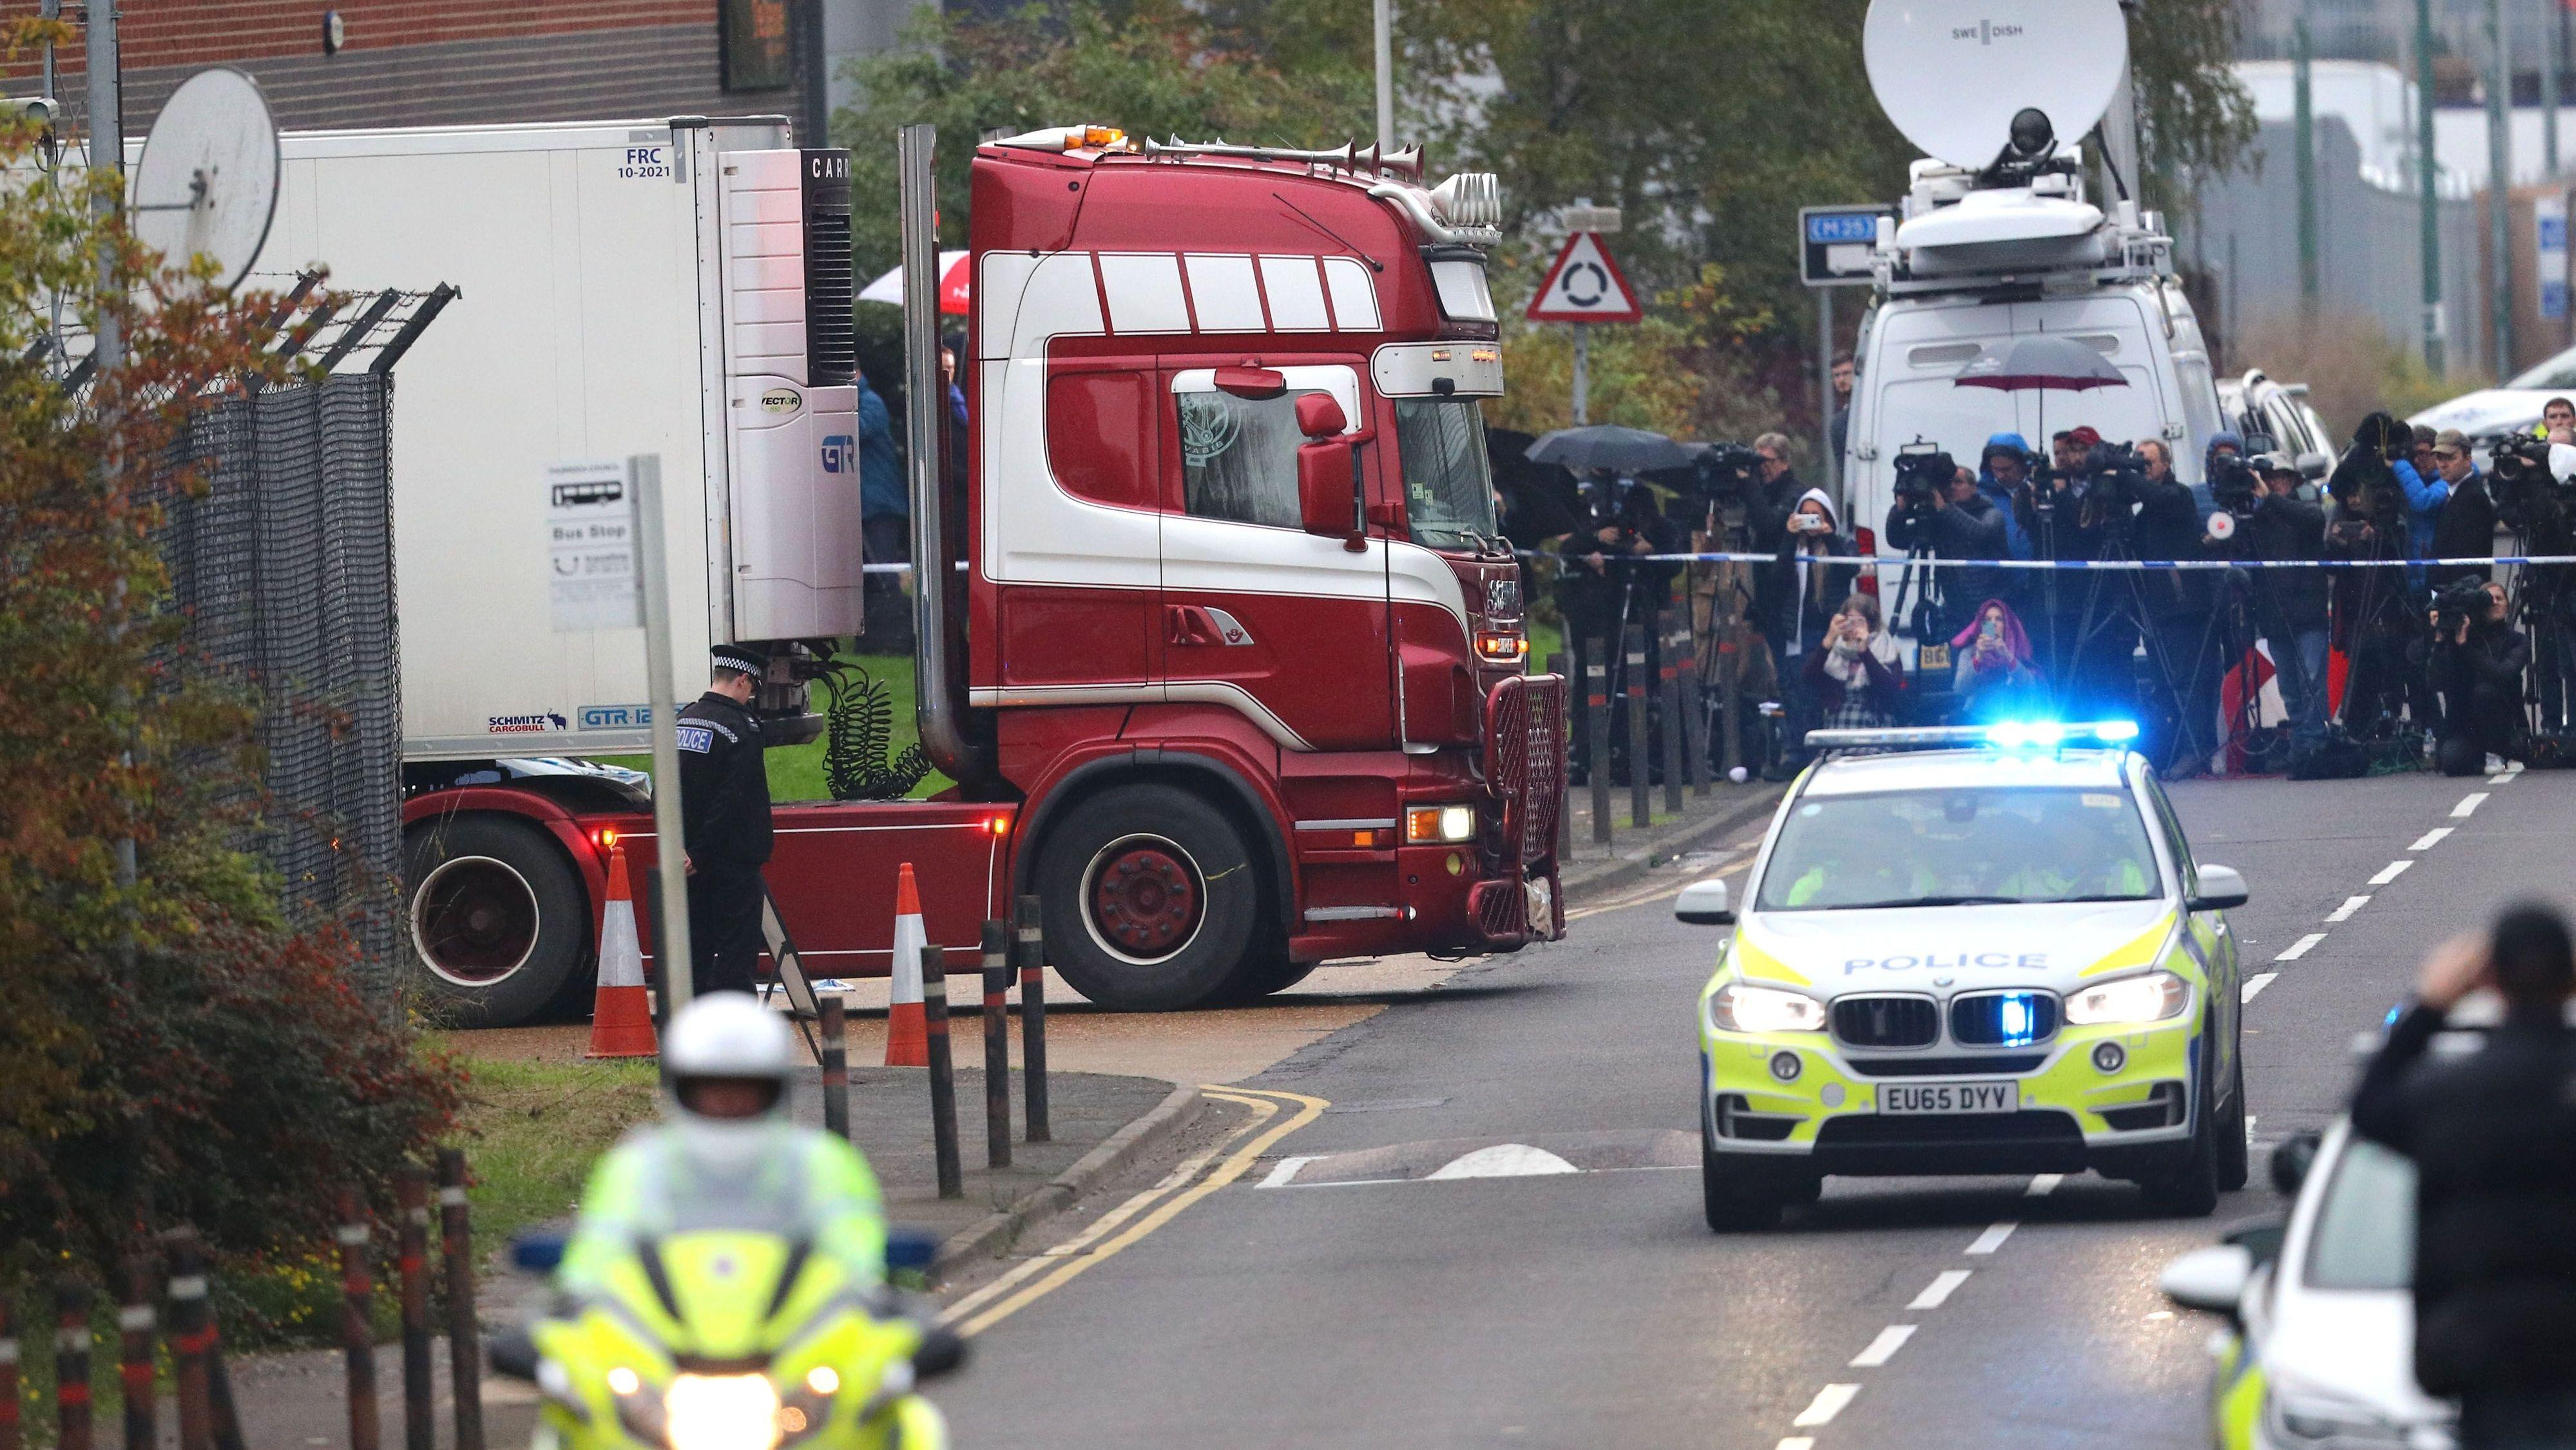 Der Lkw, in dem 39 Tote gefunden worden, wird von der Polizei eskortiert